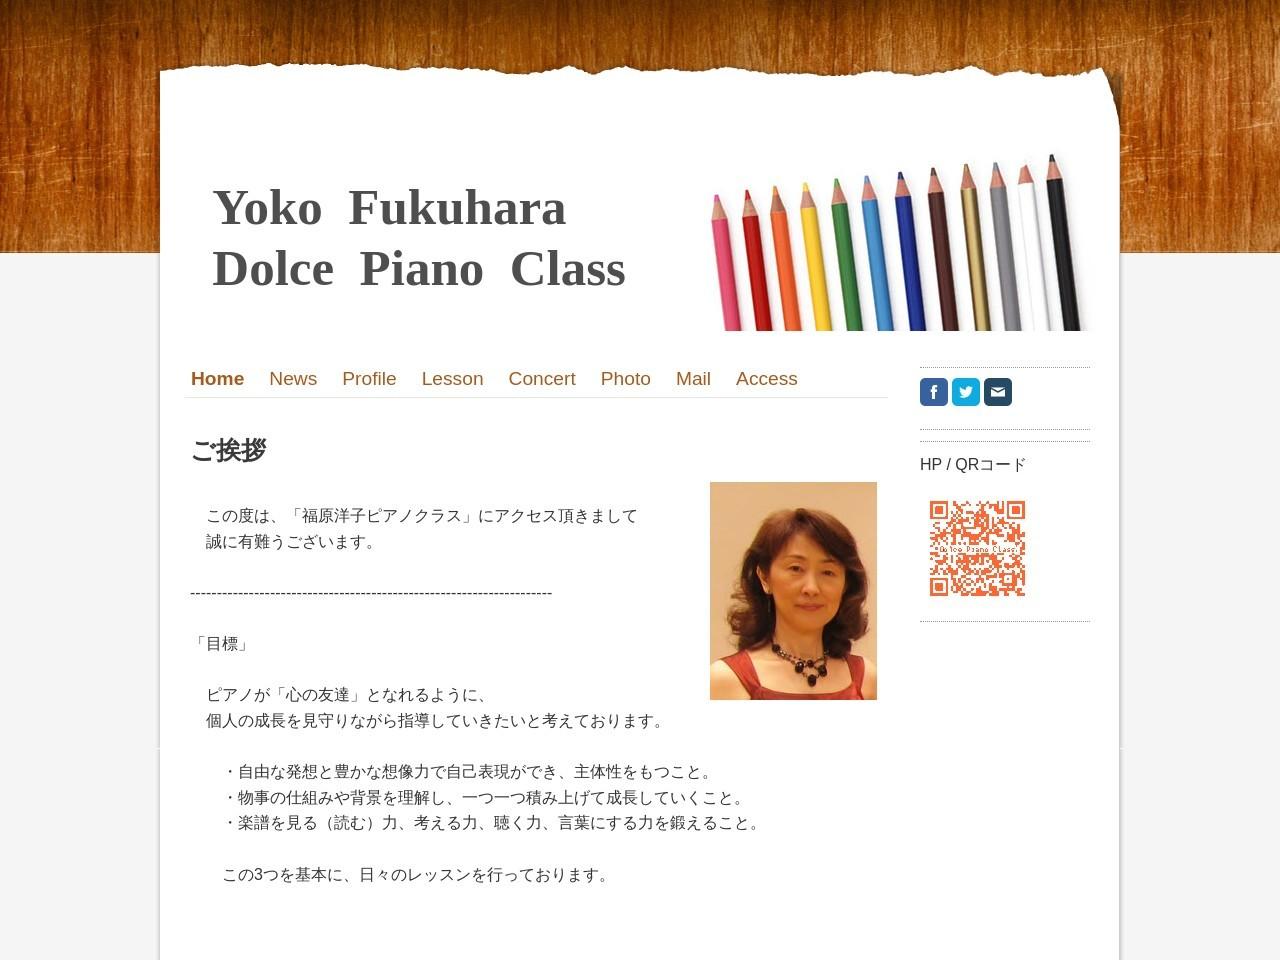 福原洋子ピアノクラスのサムネイル